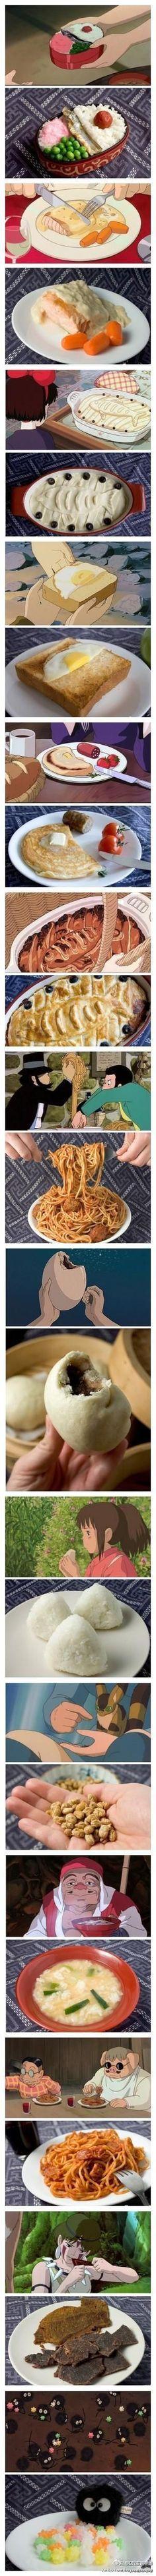 アニメの食事